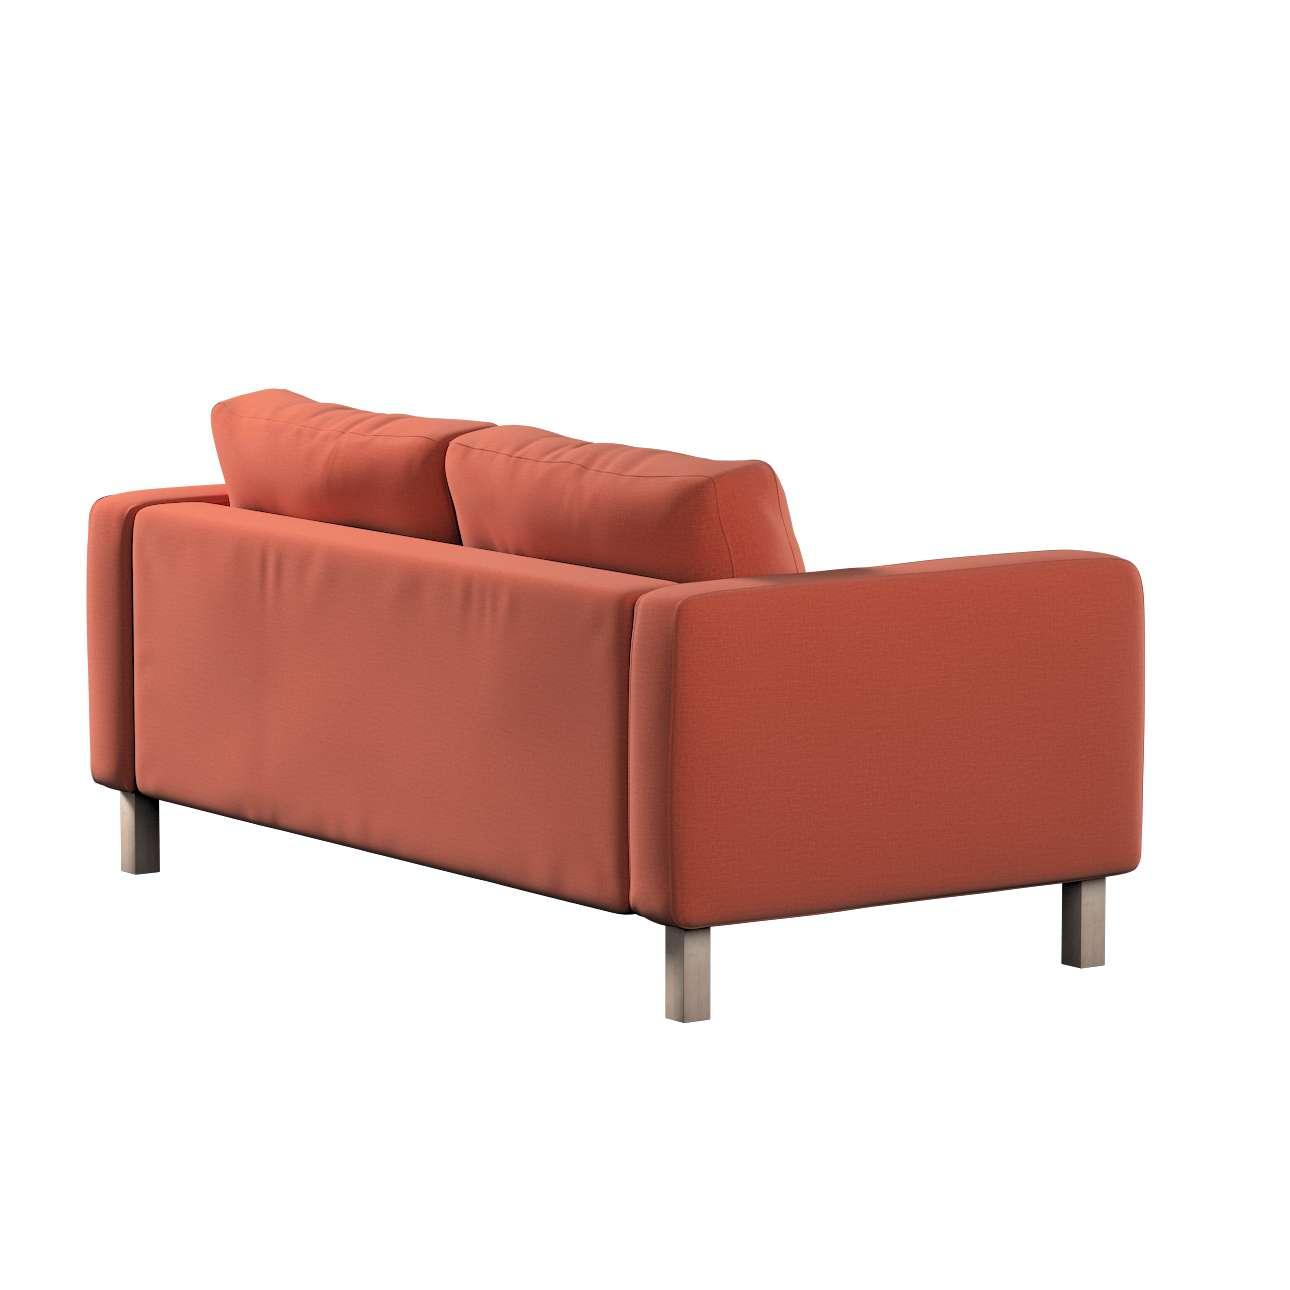 Potah na pohovku IKEA  Karlstad 2-místná, nerozkládací, krátký v kolekci Ingrid, látka: 705-37